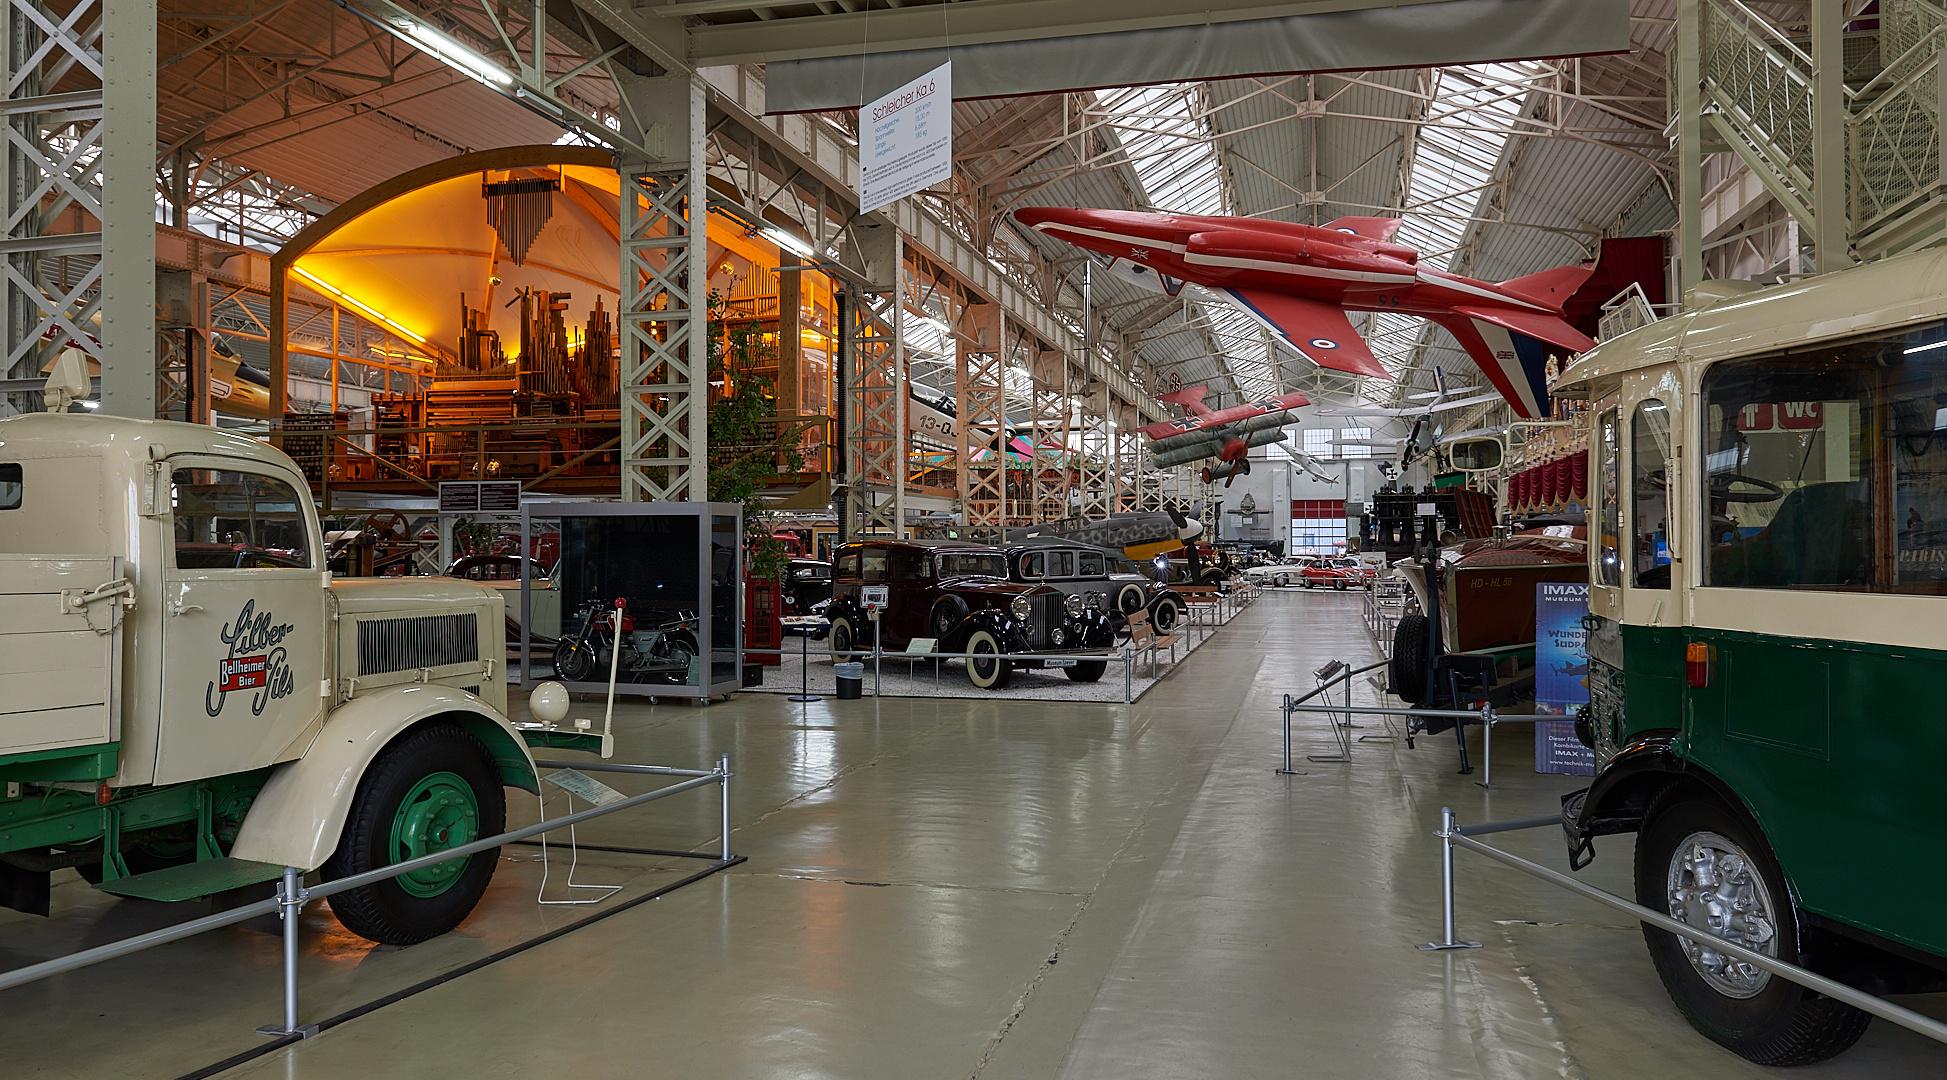 Wie Dazumal...Motive ohne Ende bekommt man im Technikmuseum in Speyer zu sehen.